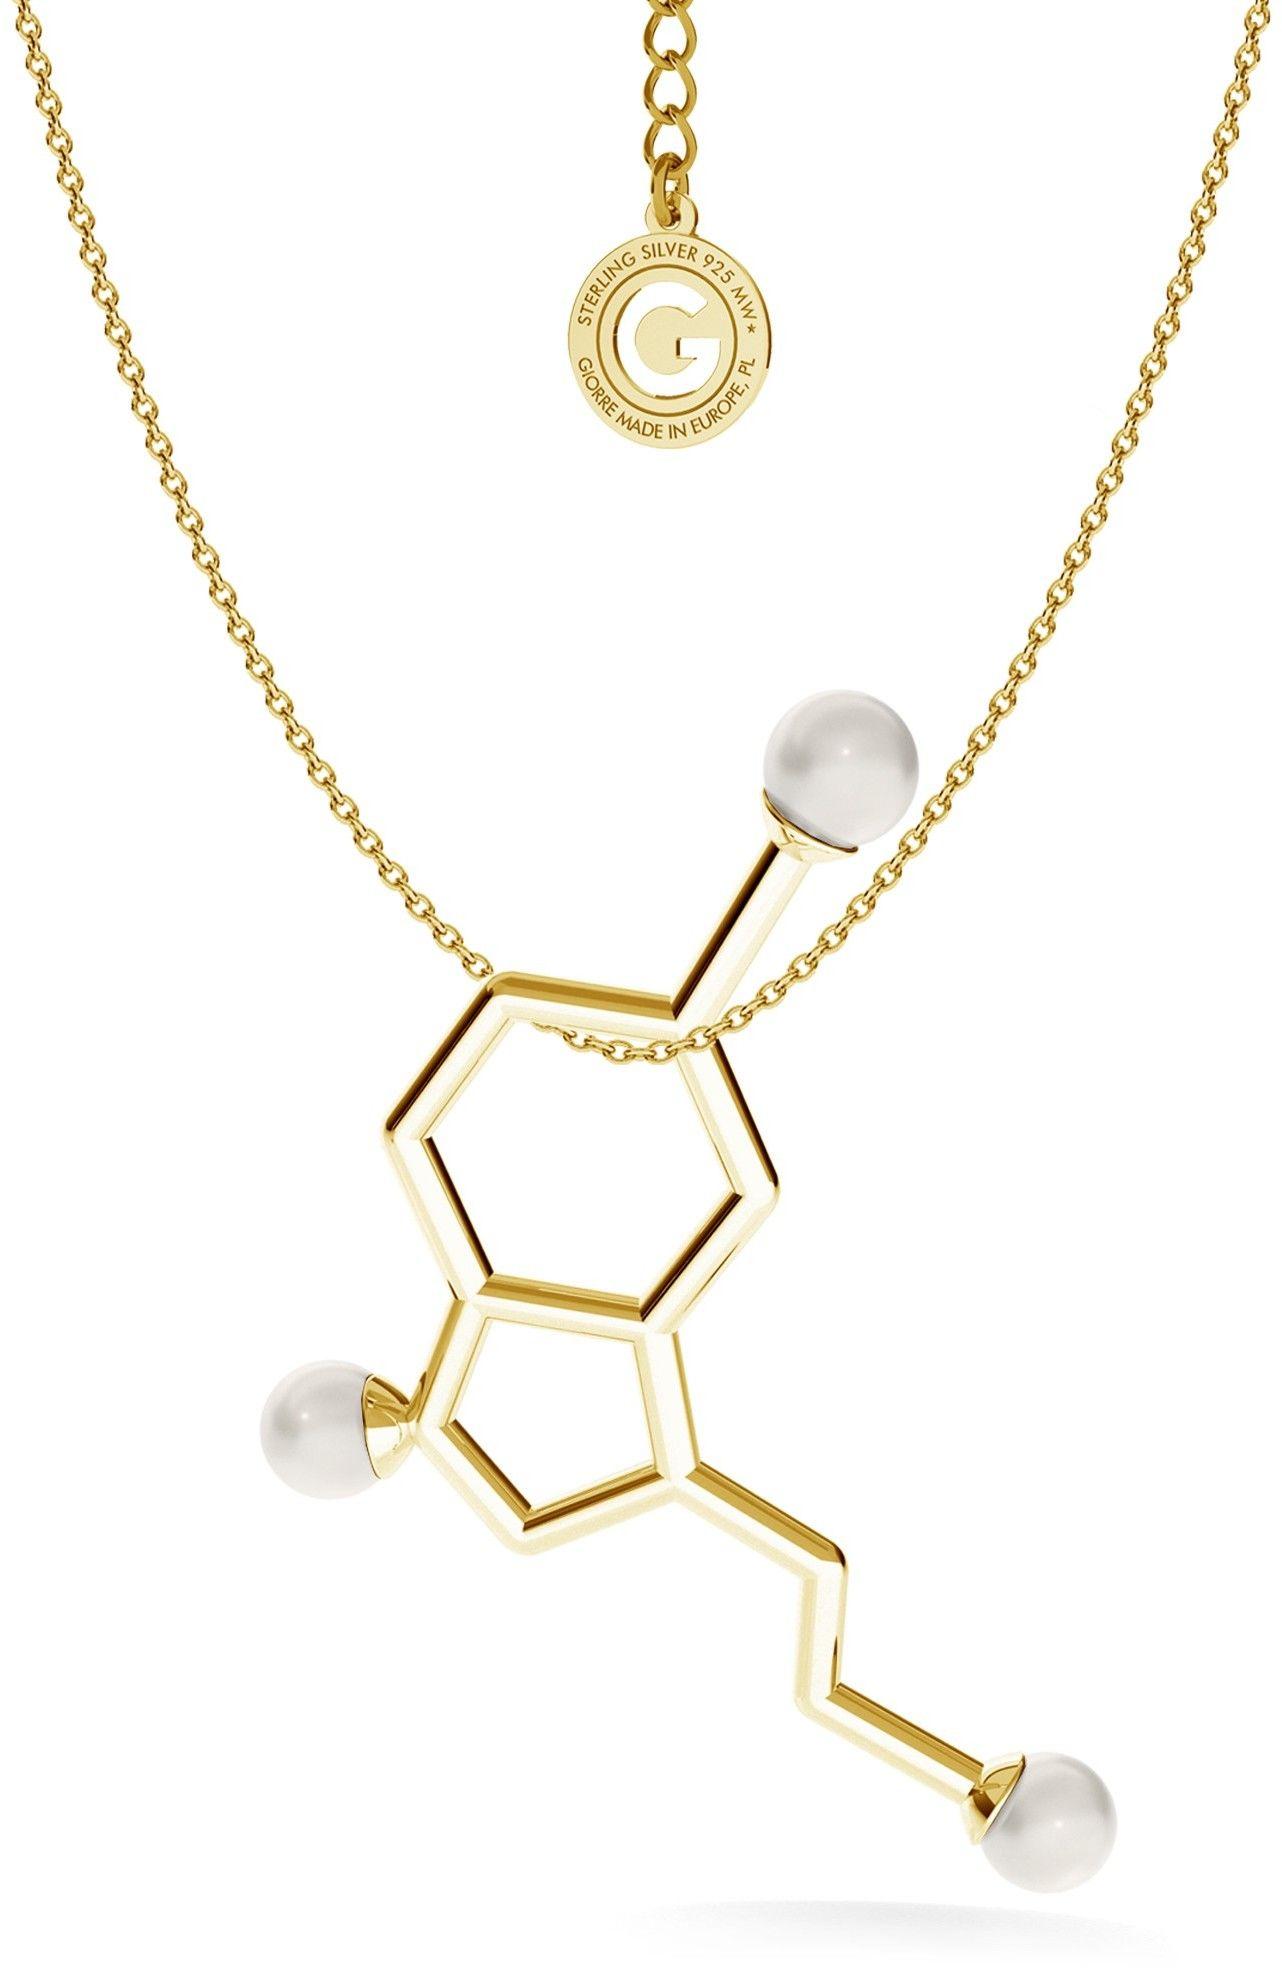 Srebrny naszyjnik - serotonina z dużymi perłami Swarovskiego, wzór chemiczny, srebro 925 : Perła - kolory - SWAROVSKI WHITE, Srebro - kolor pokrycia - Pokrycie żółtym 18K złotem